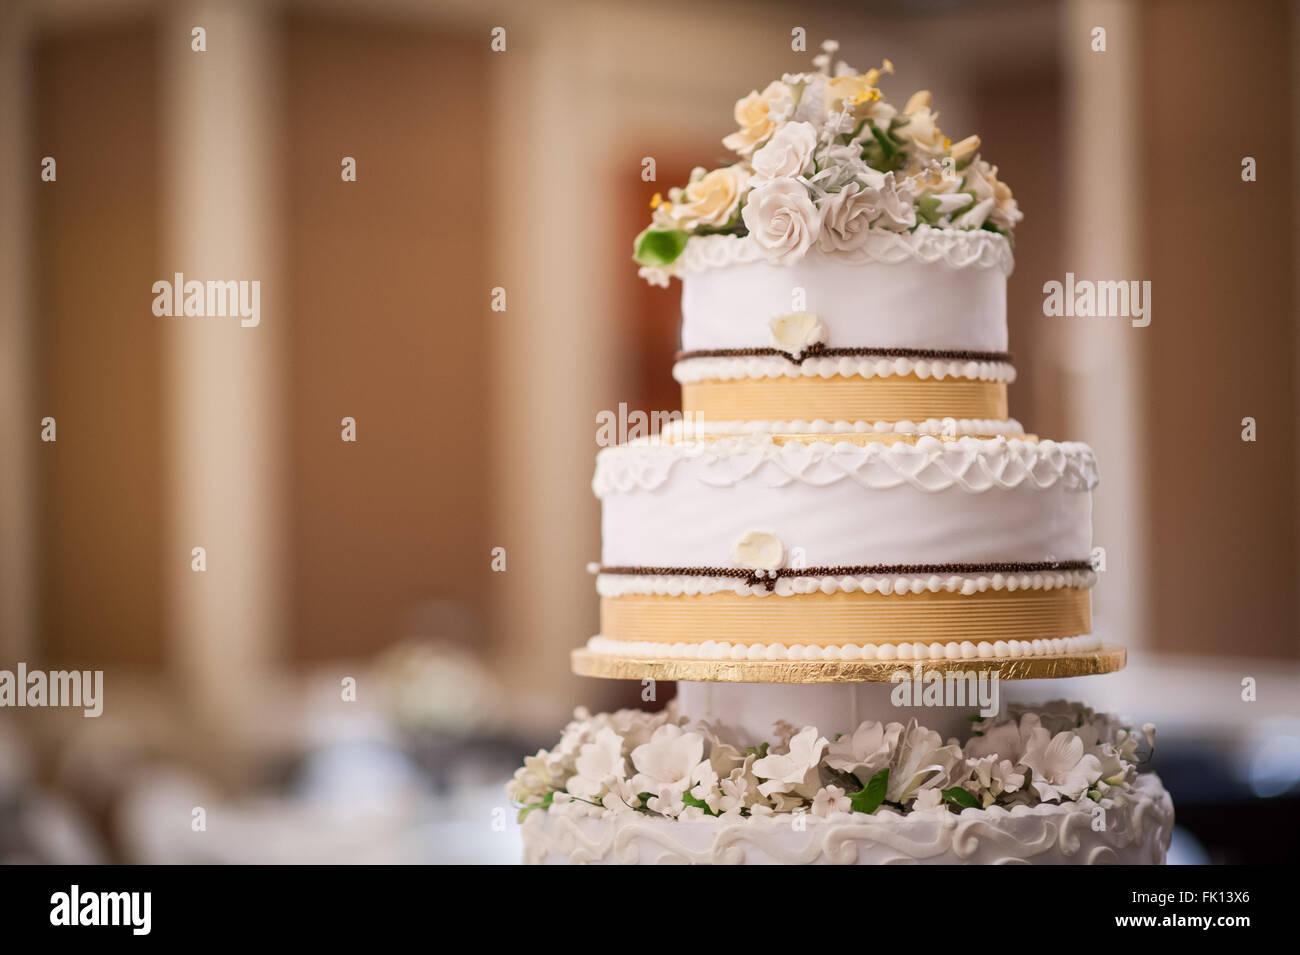 Hochzeitstorte-Details mit Blumenschmuck. Liebe, Hochzeit Konzepte. Stockbild